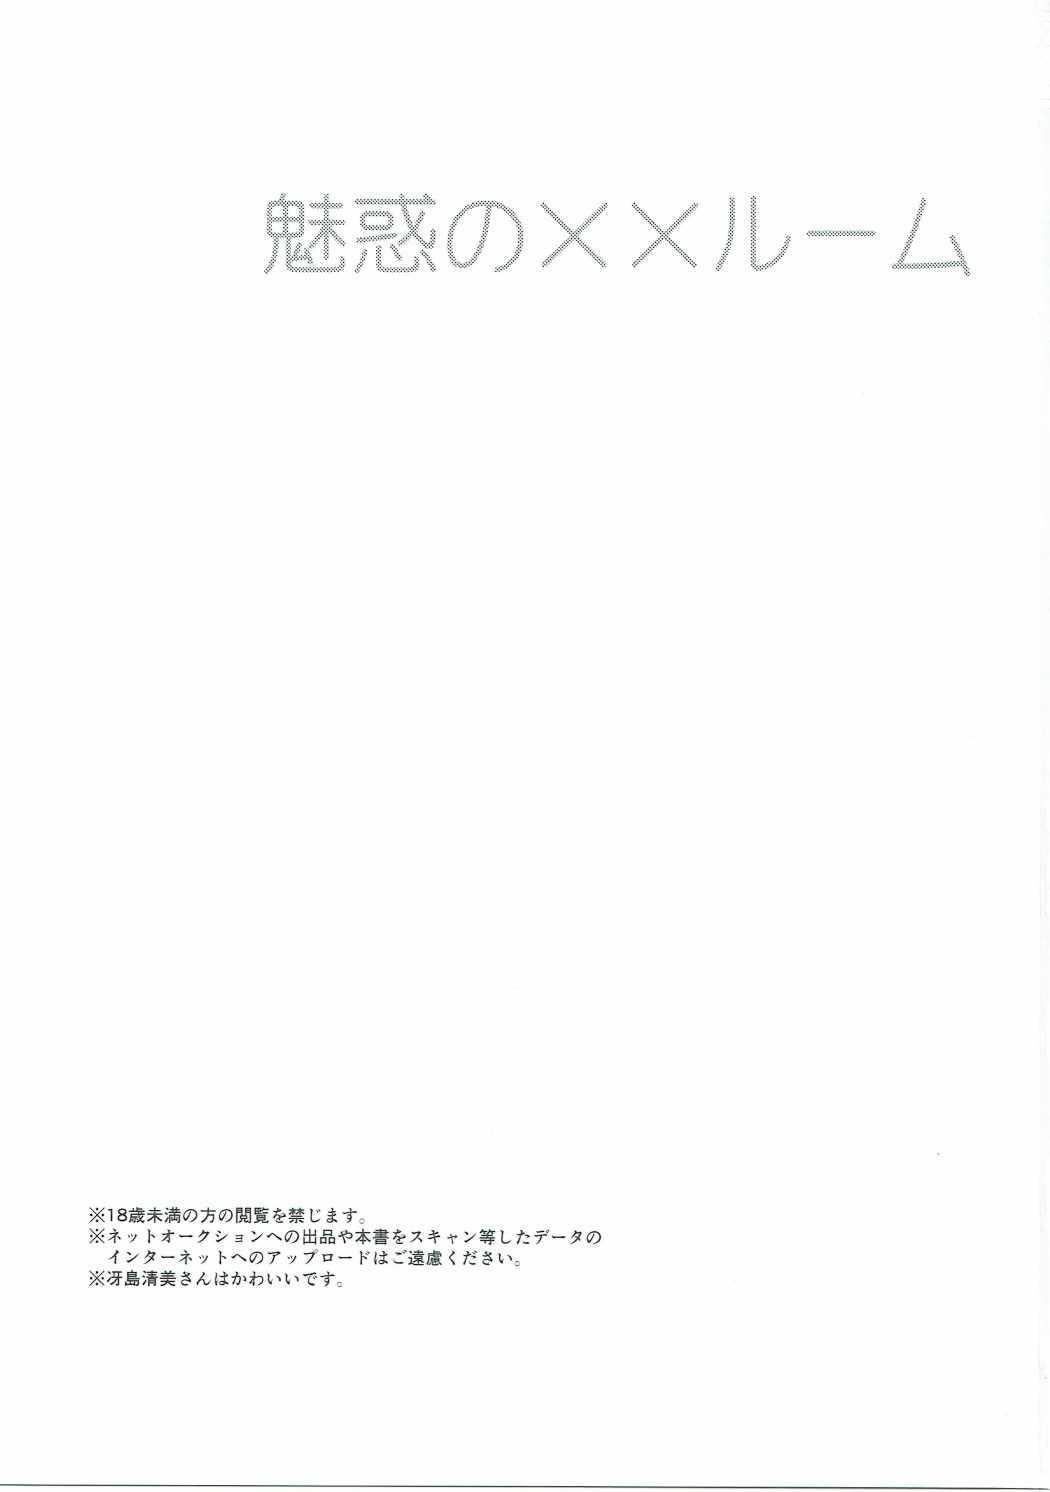 Miwaku no XX Room 1